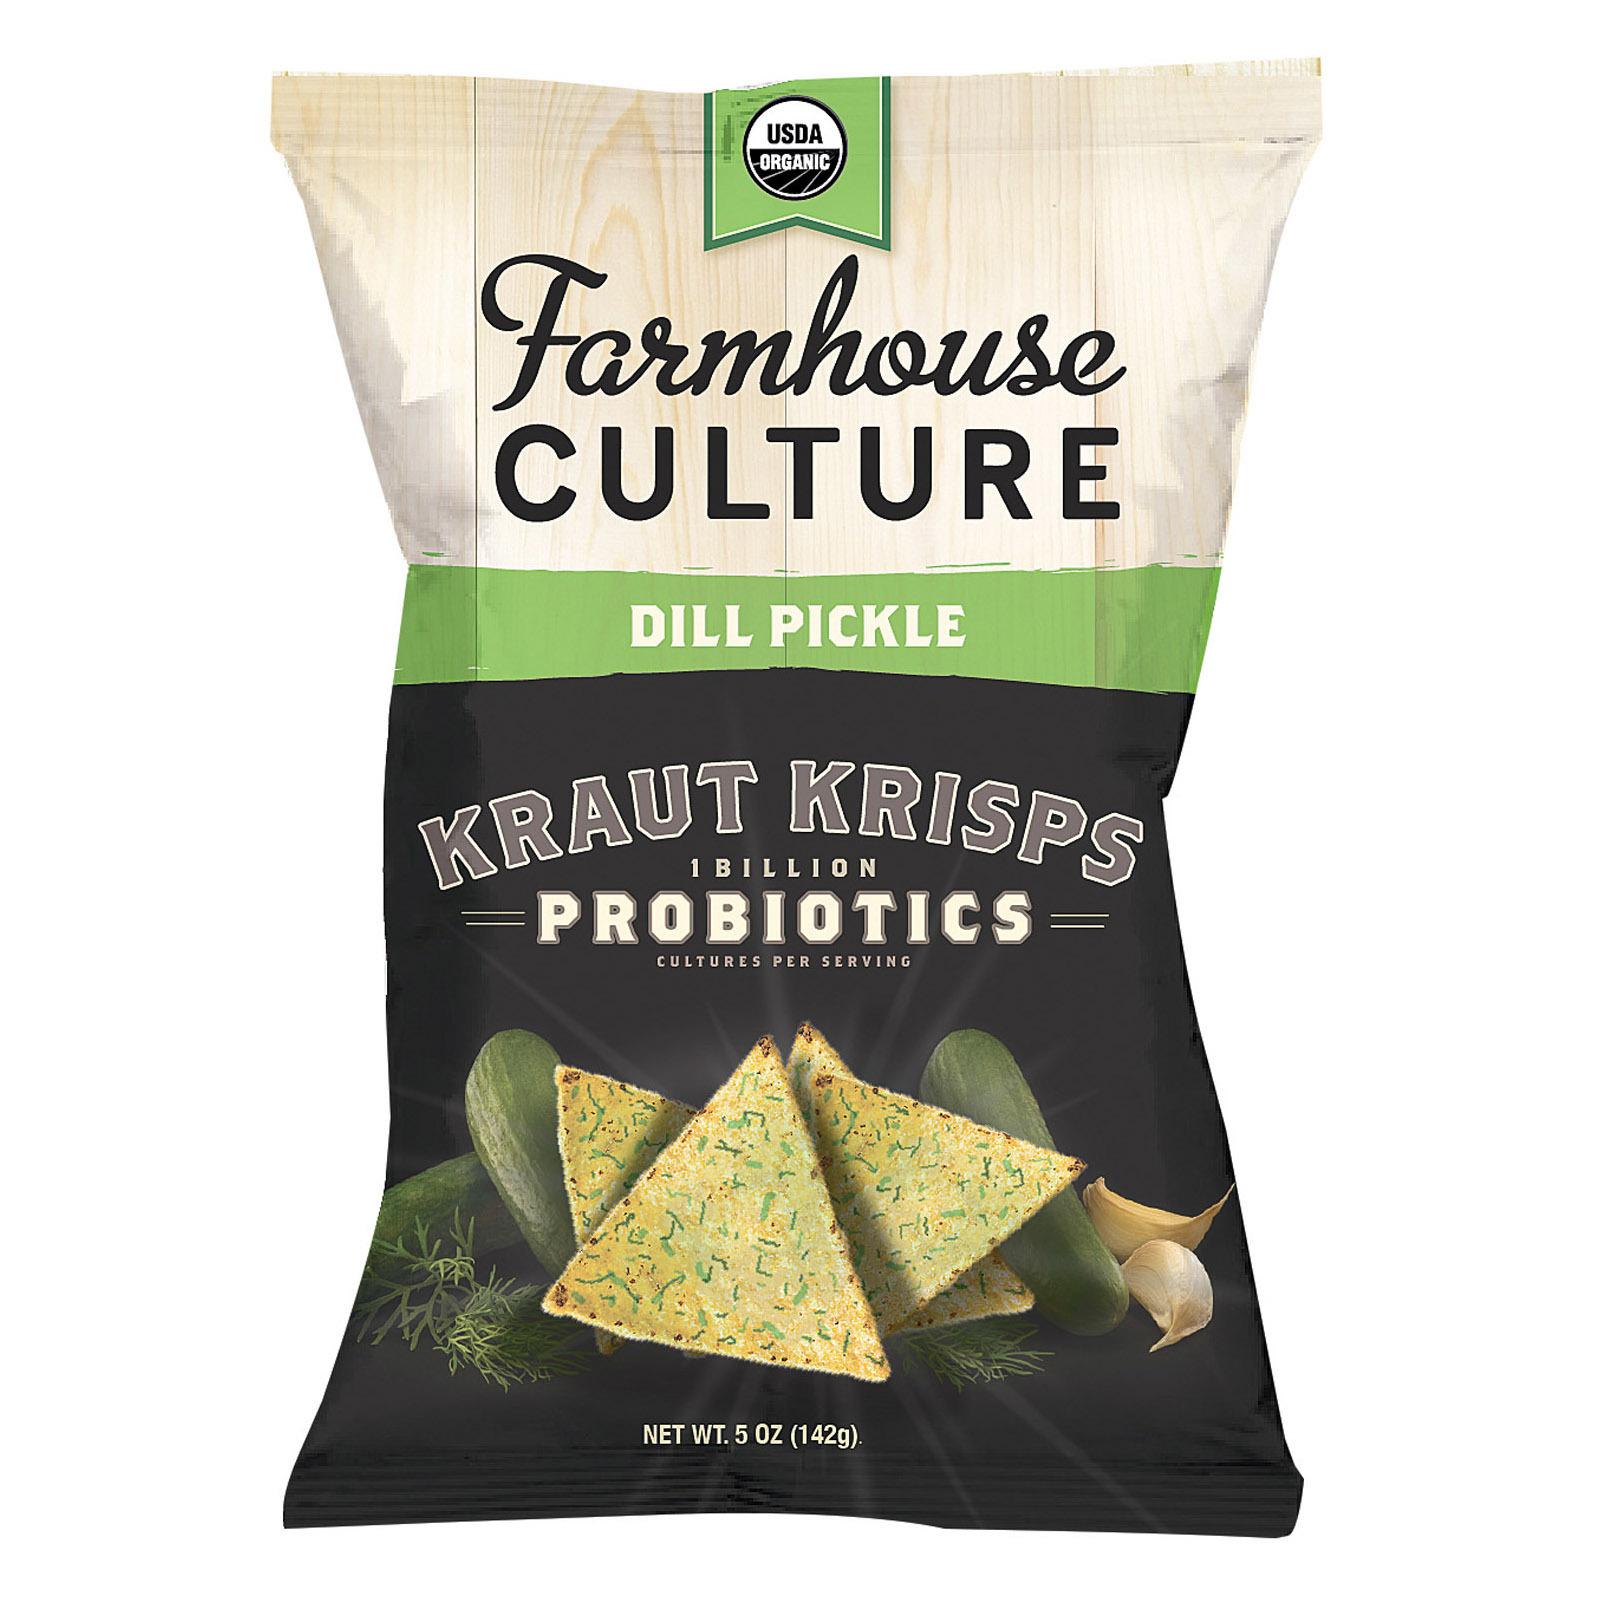 Farmhouse Culture Organic Probiotic Kraut Krisps - Dill Pickle - Case of 12 - 5 oz